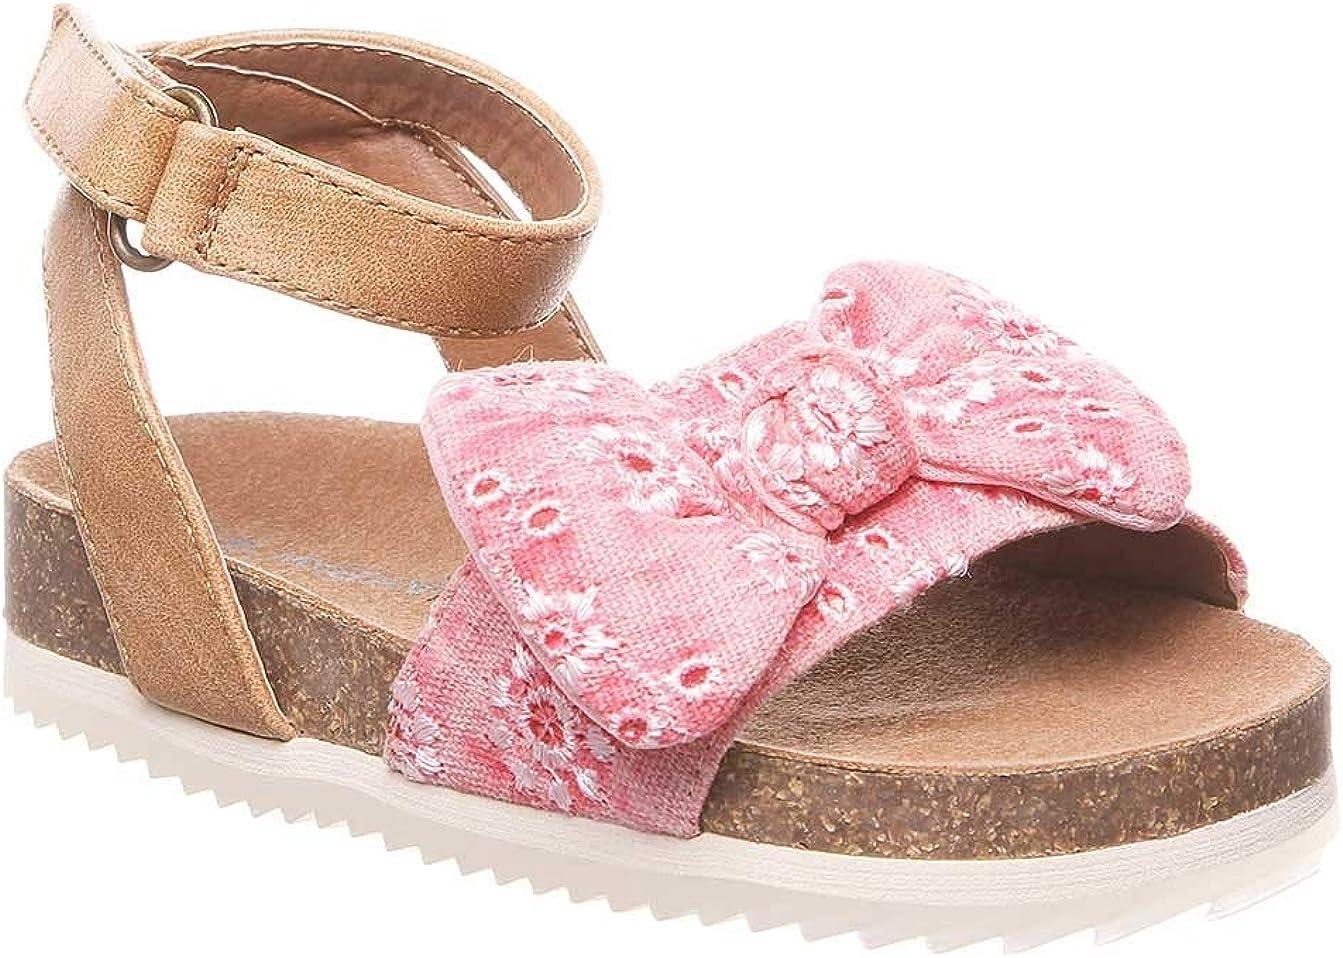 BEARPAW Toddler Genesis Sandal